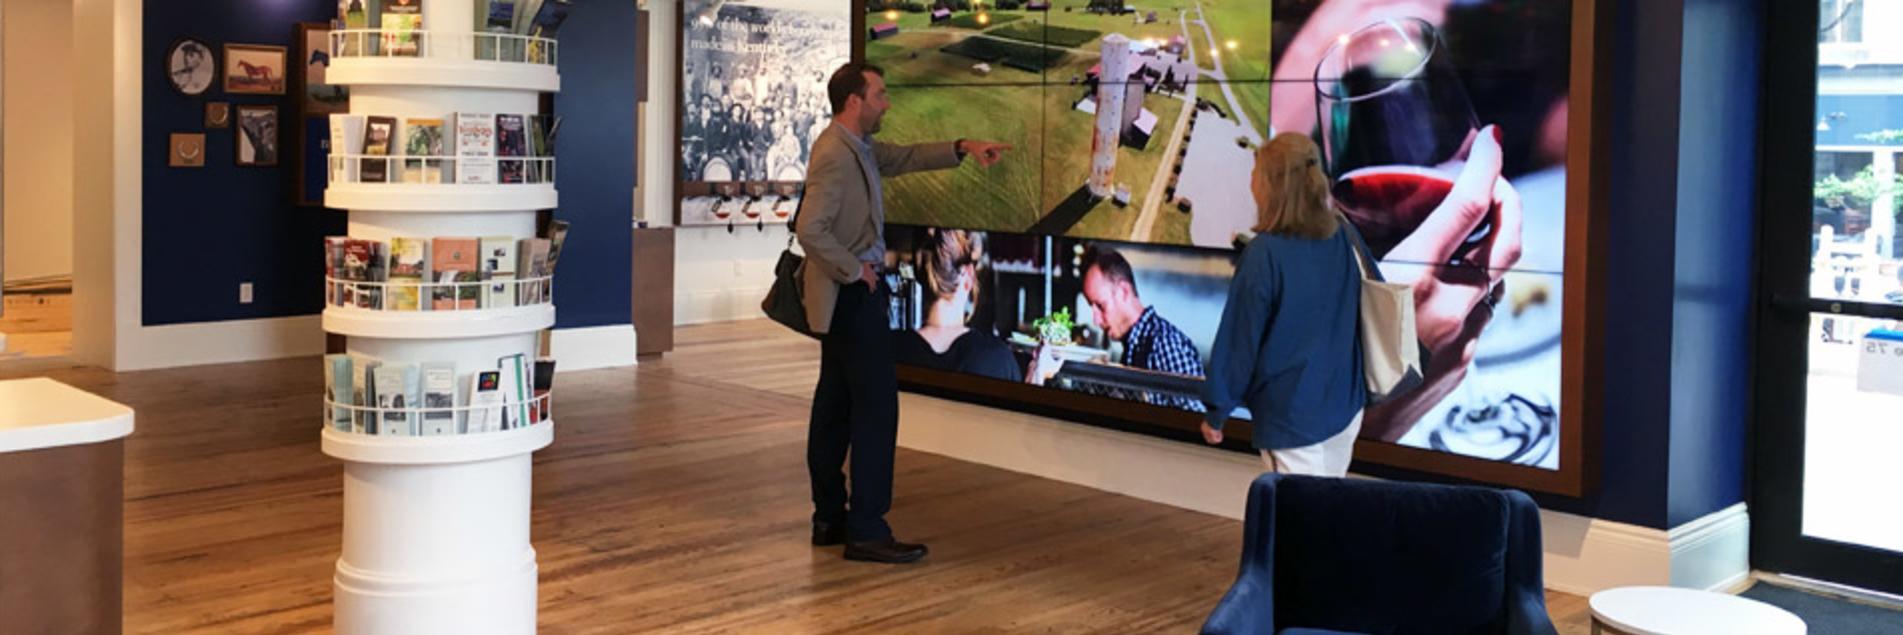 New Lexington Visitors Center